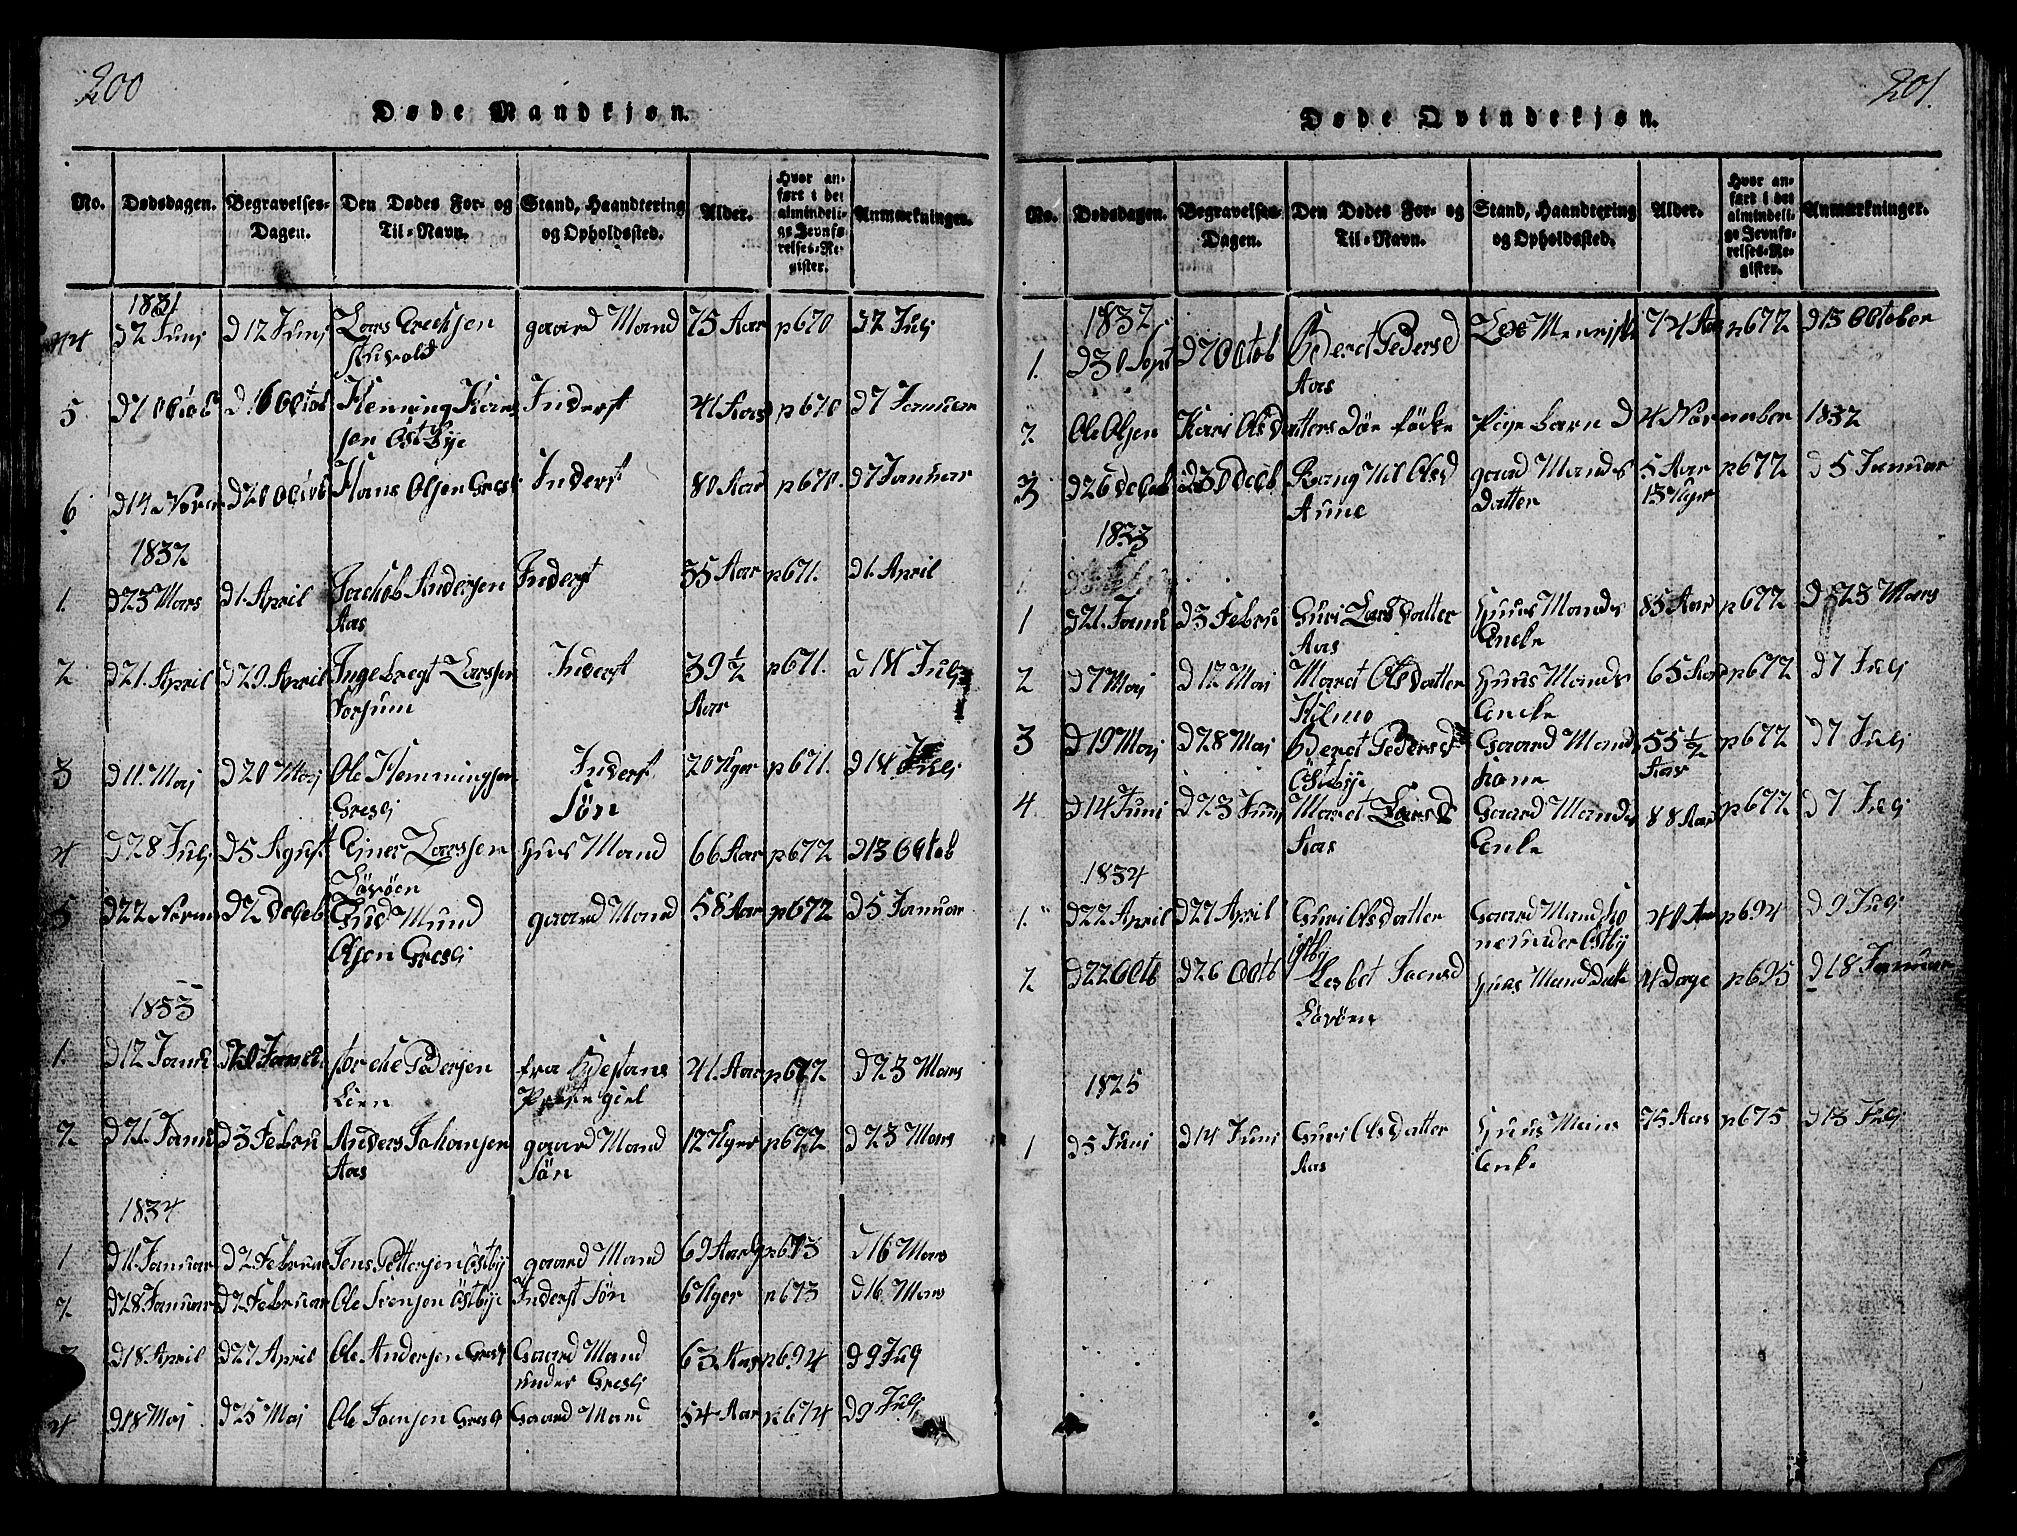 SAT, Ministerialprotokoller, klokkerbøker og fødselsregistre - Sør-Trøndelag, 698/L1164: Klokkerbok nr. 698C01, 1816-1861, s. 200-201